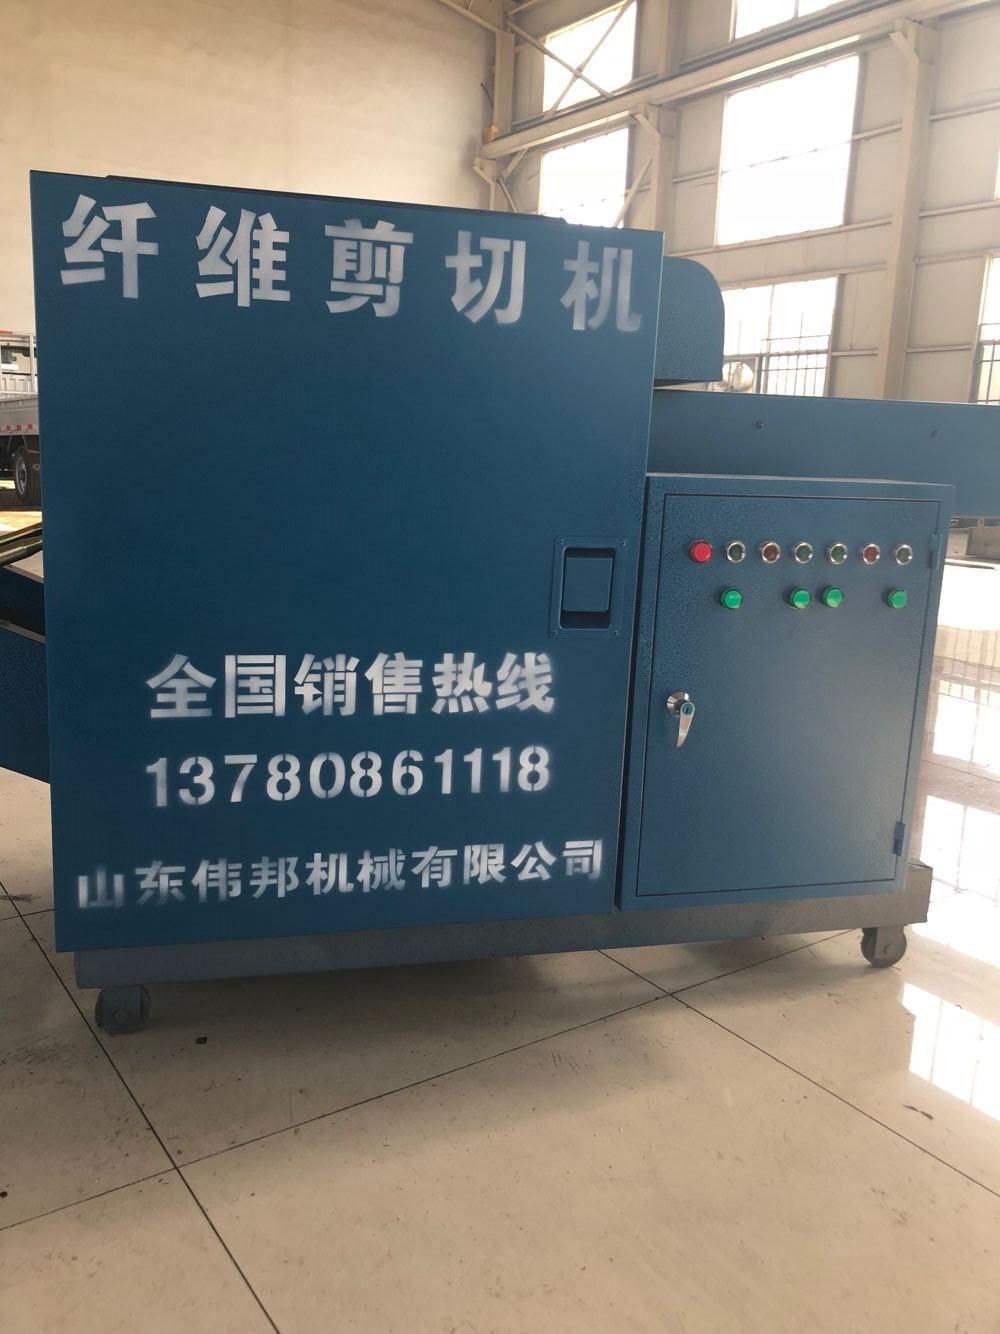 亂絲纖維切割機/回絲切碎機/絲線剪切機-山東青州偉邦機械銷售